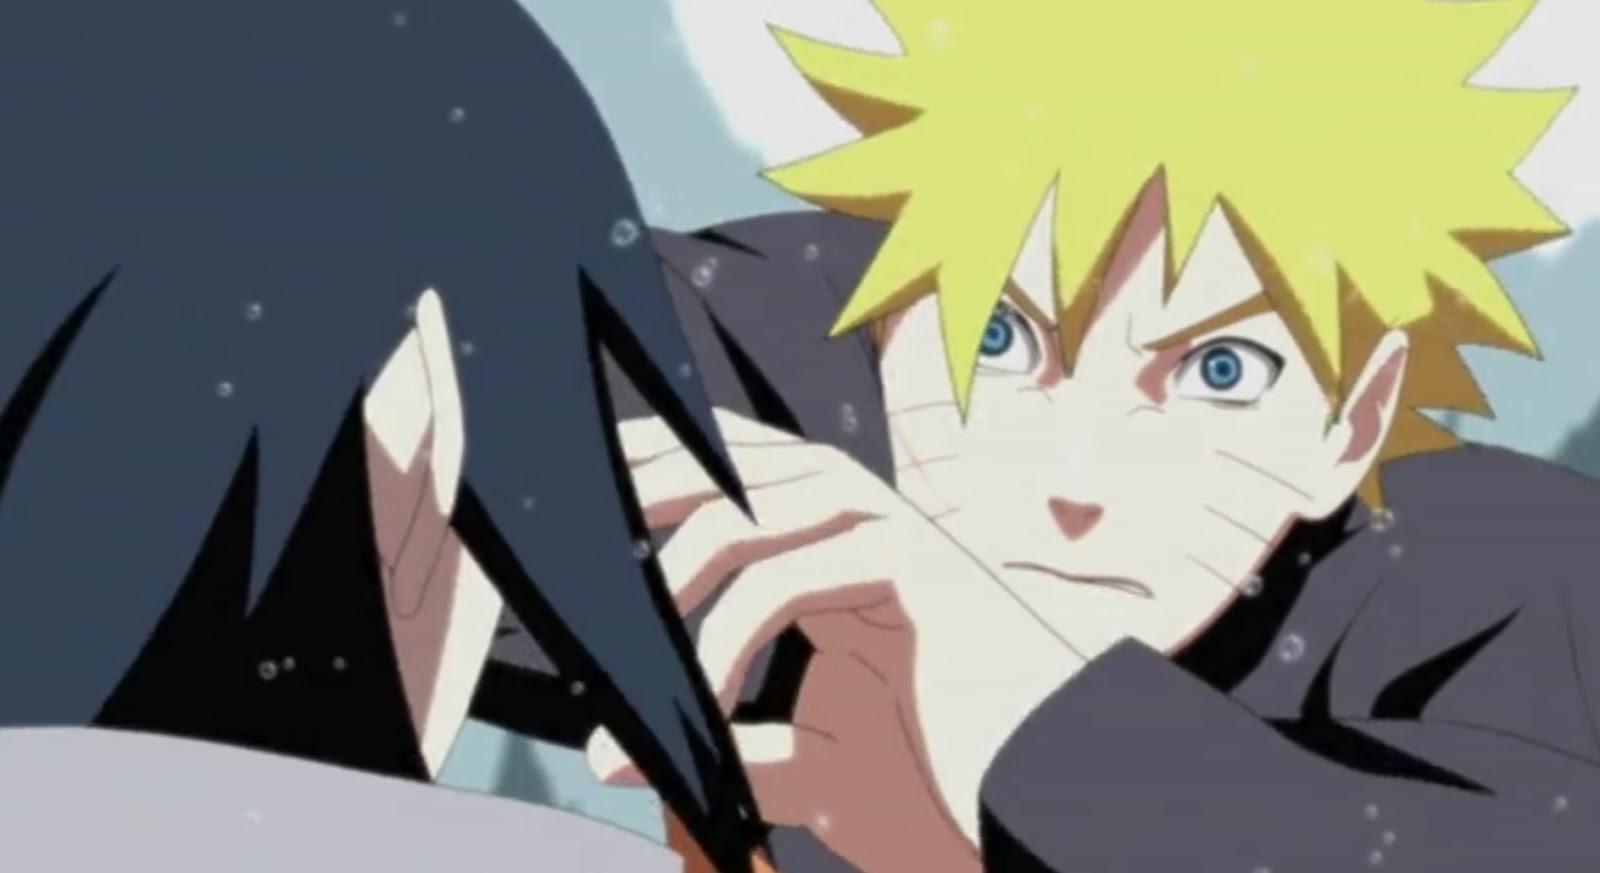 Naruto Shippuden Episódio 215, Assistir Naruto Shippuden Episódio 215, Assistir Naruto Shippuden Todos os Episódios Legendado, Naruto Shippuden episódio 215,HD